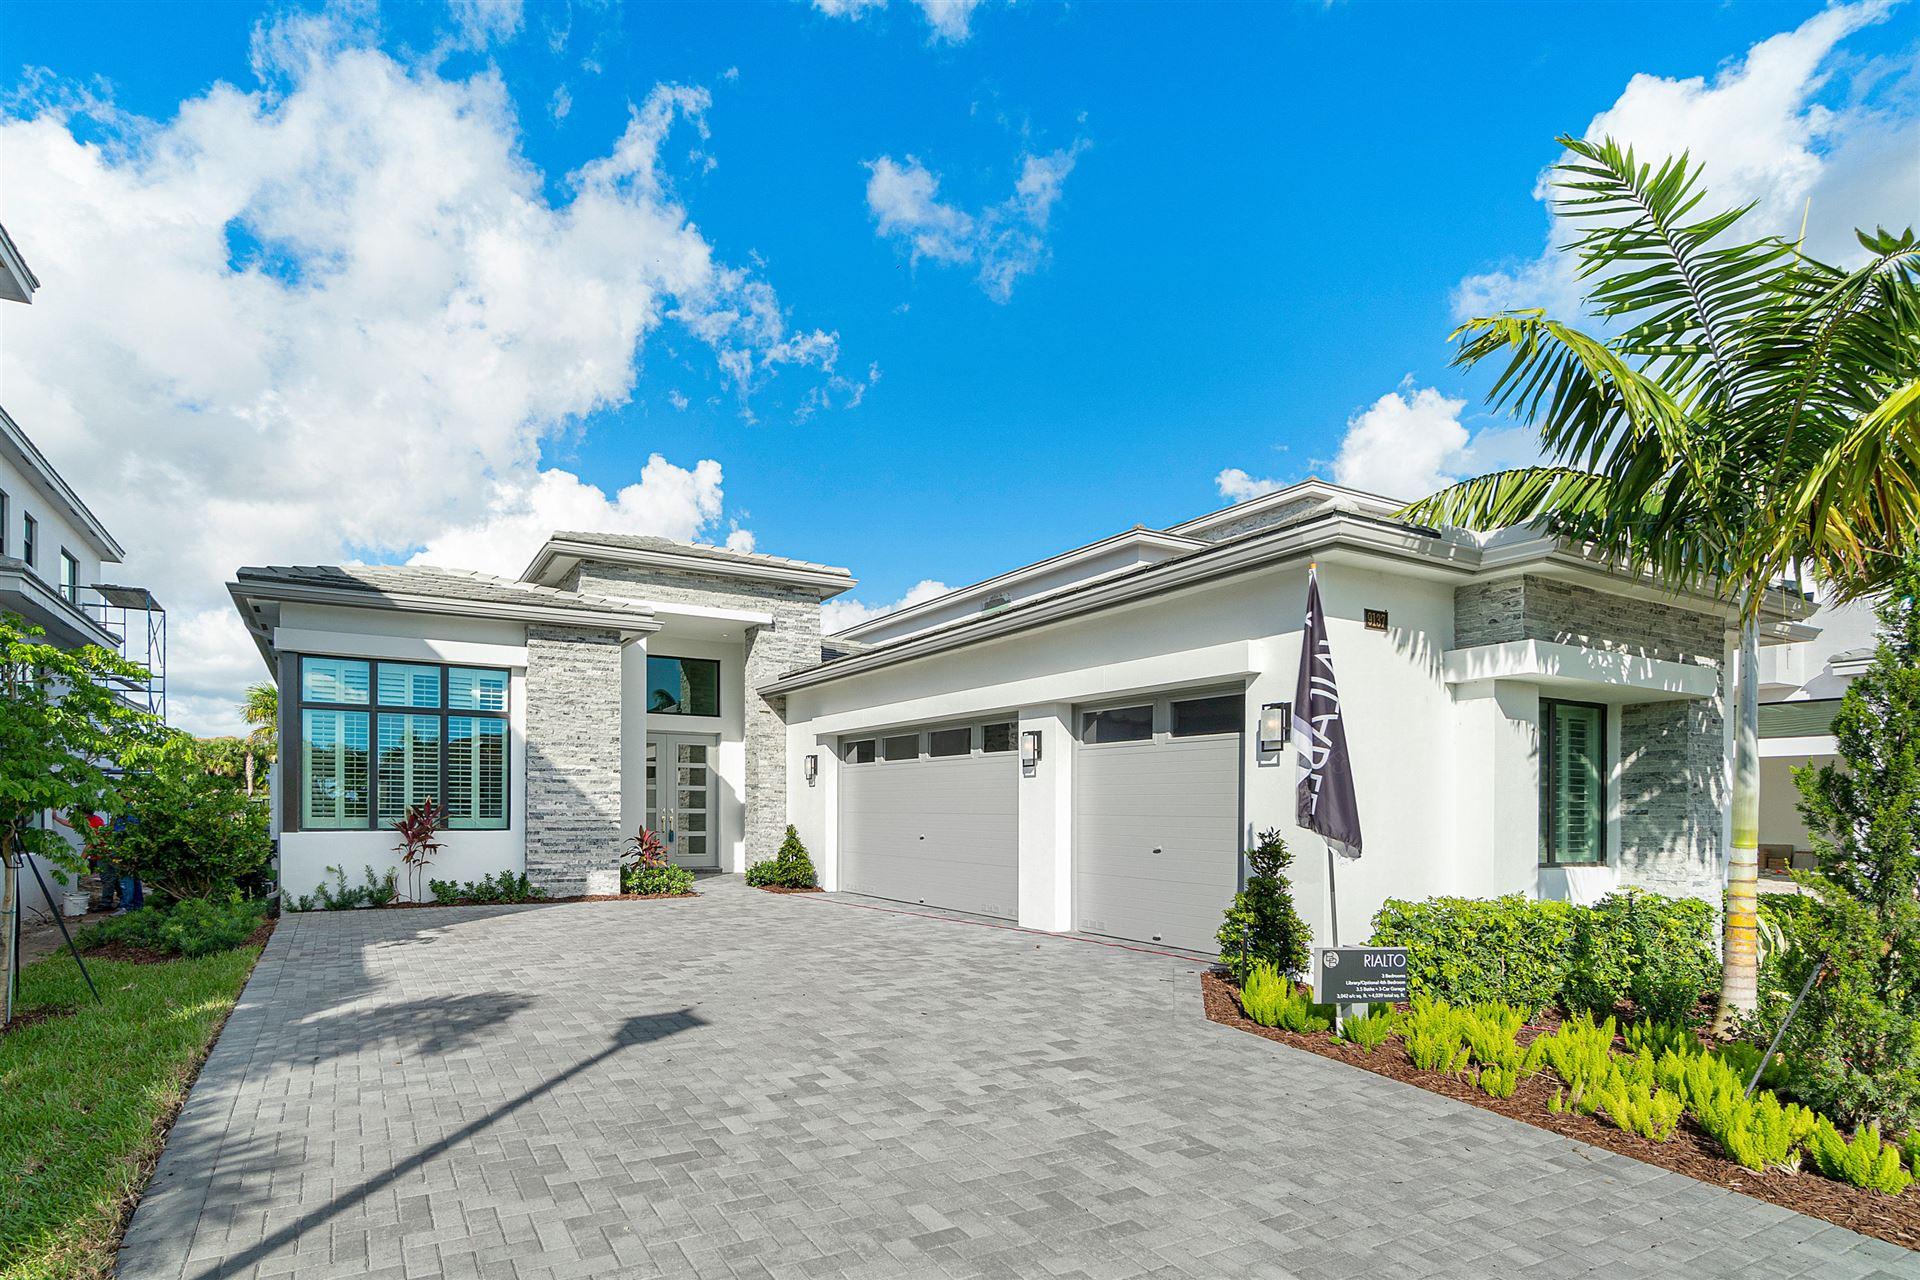 9137 Benedetta Place, Boca Raton, FL 33496 - #: RX-10585440